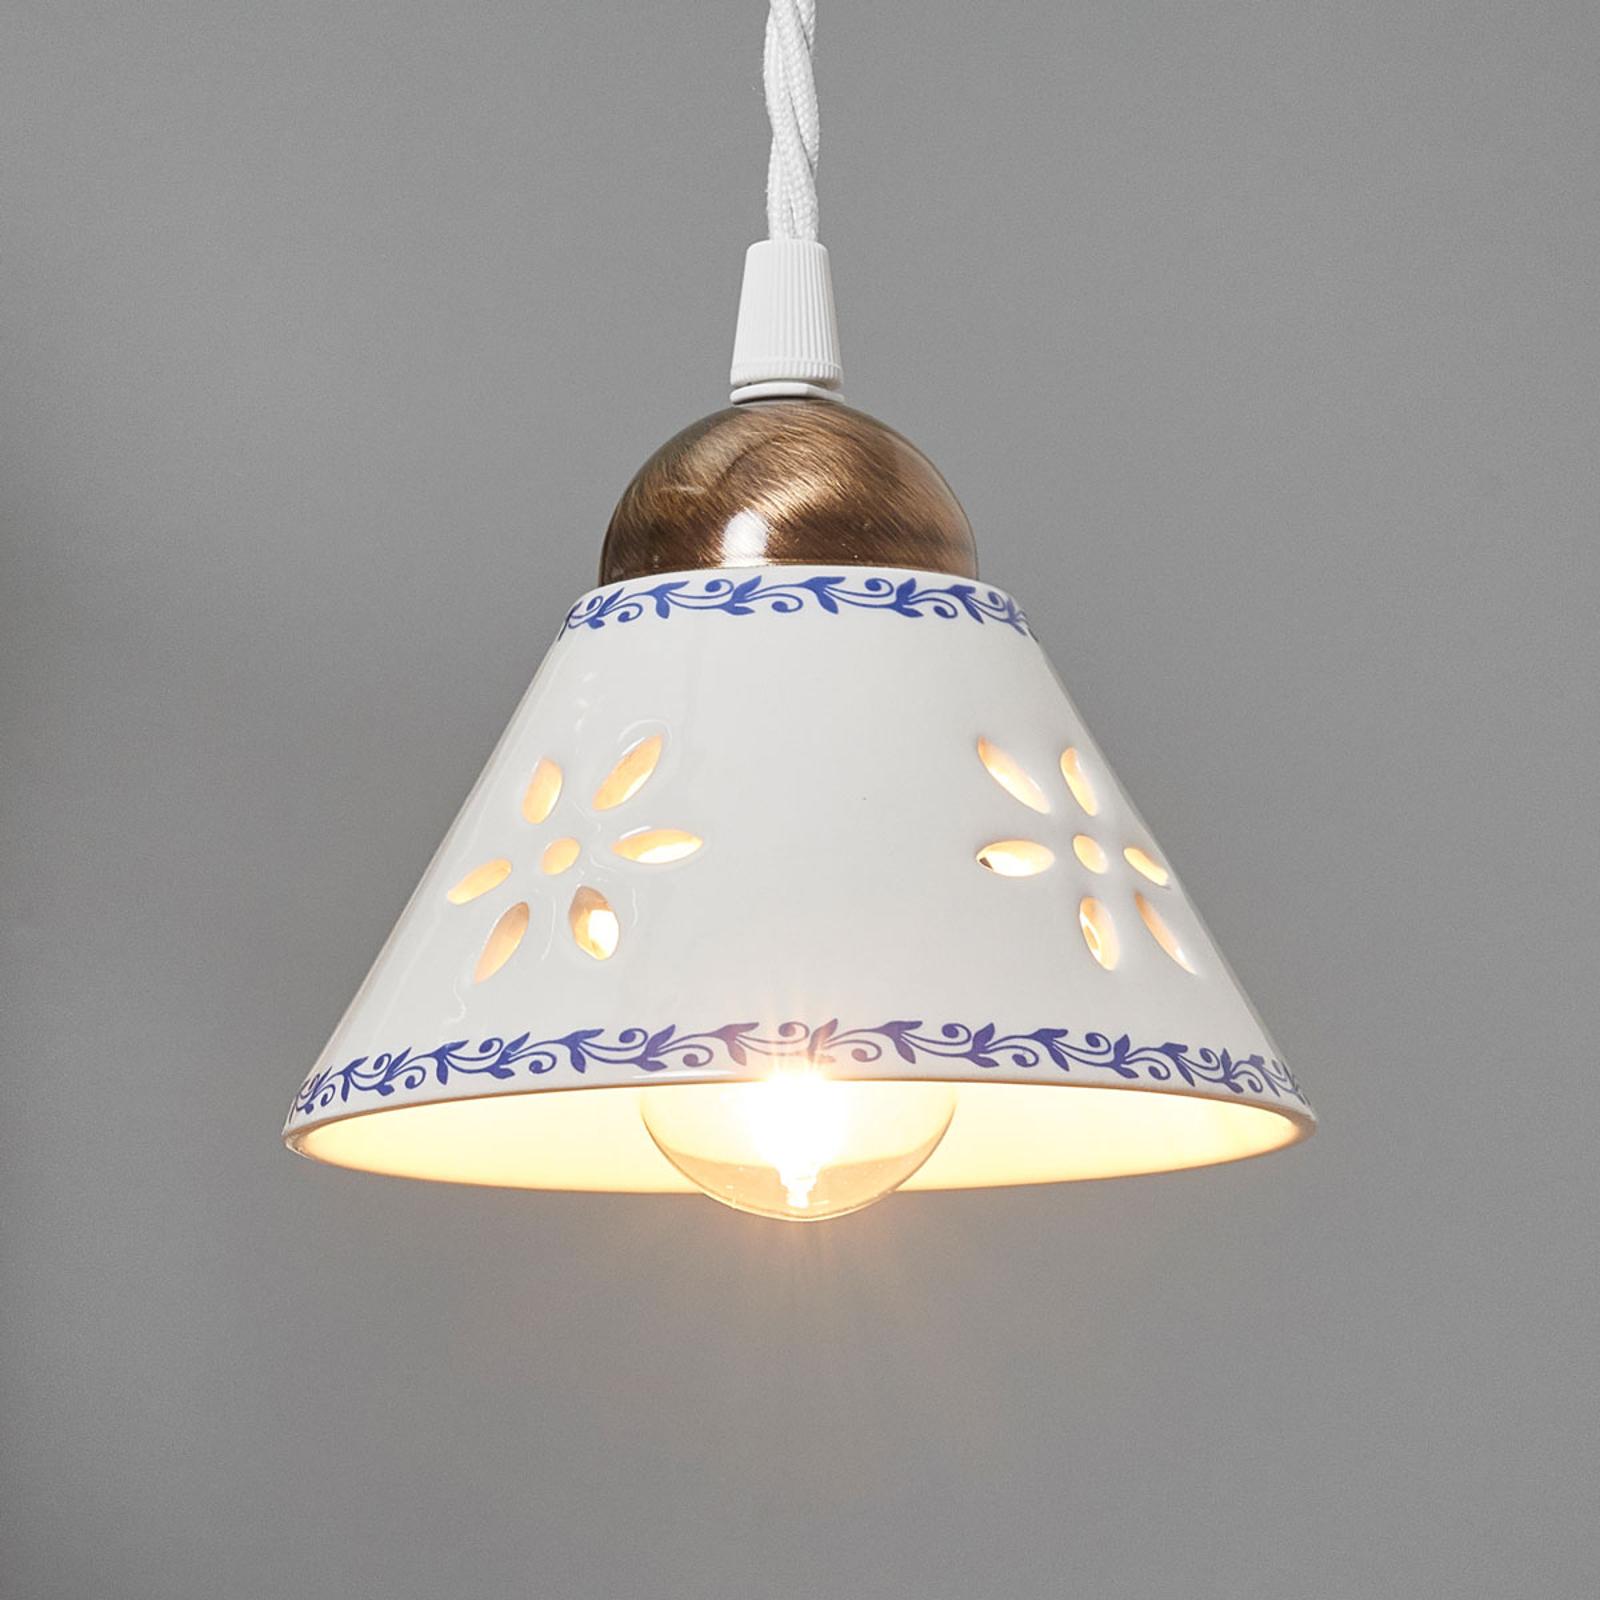 Závesná lampa NONNA z bielej keramiky_2013026_1